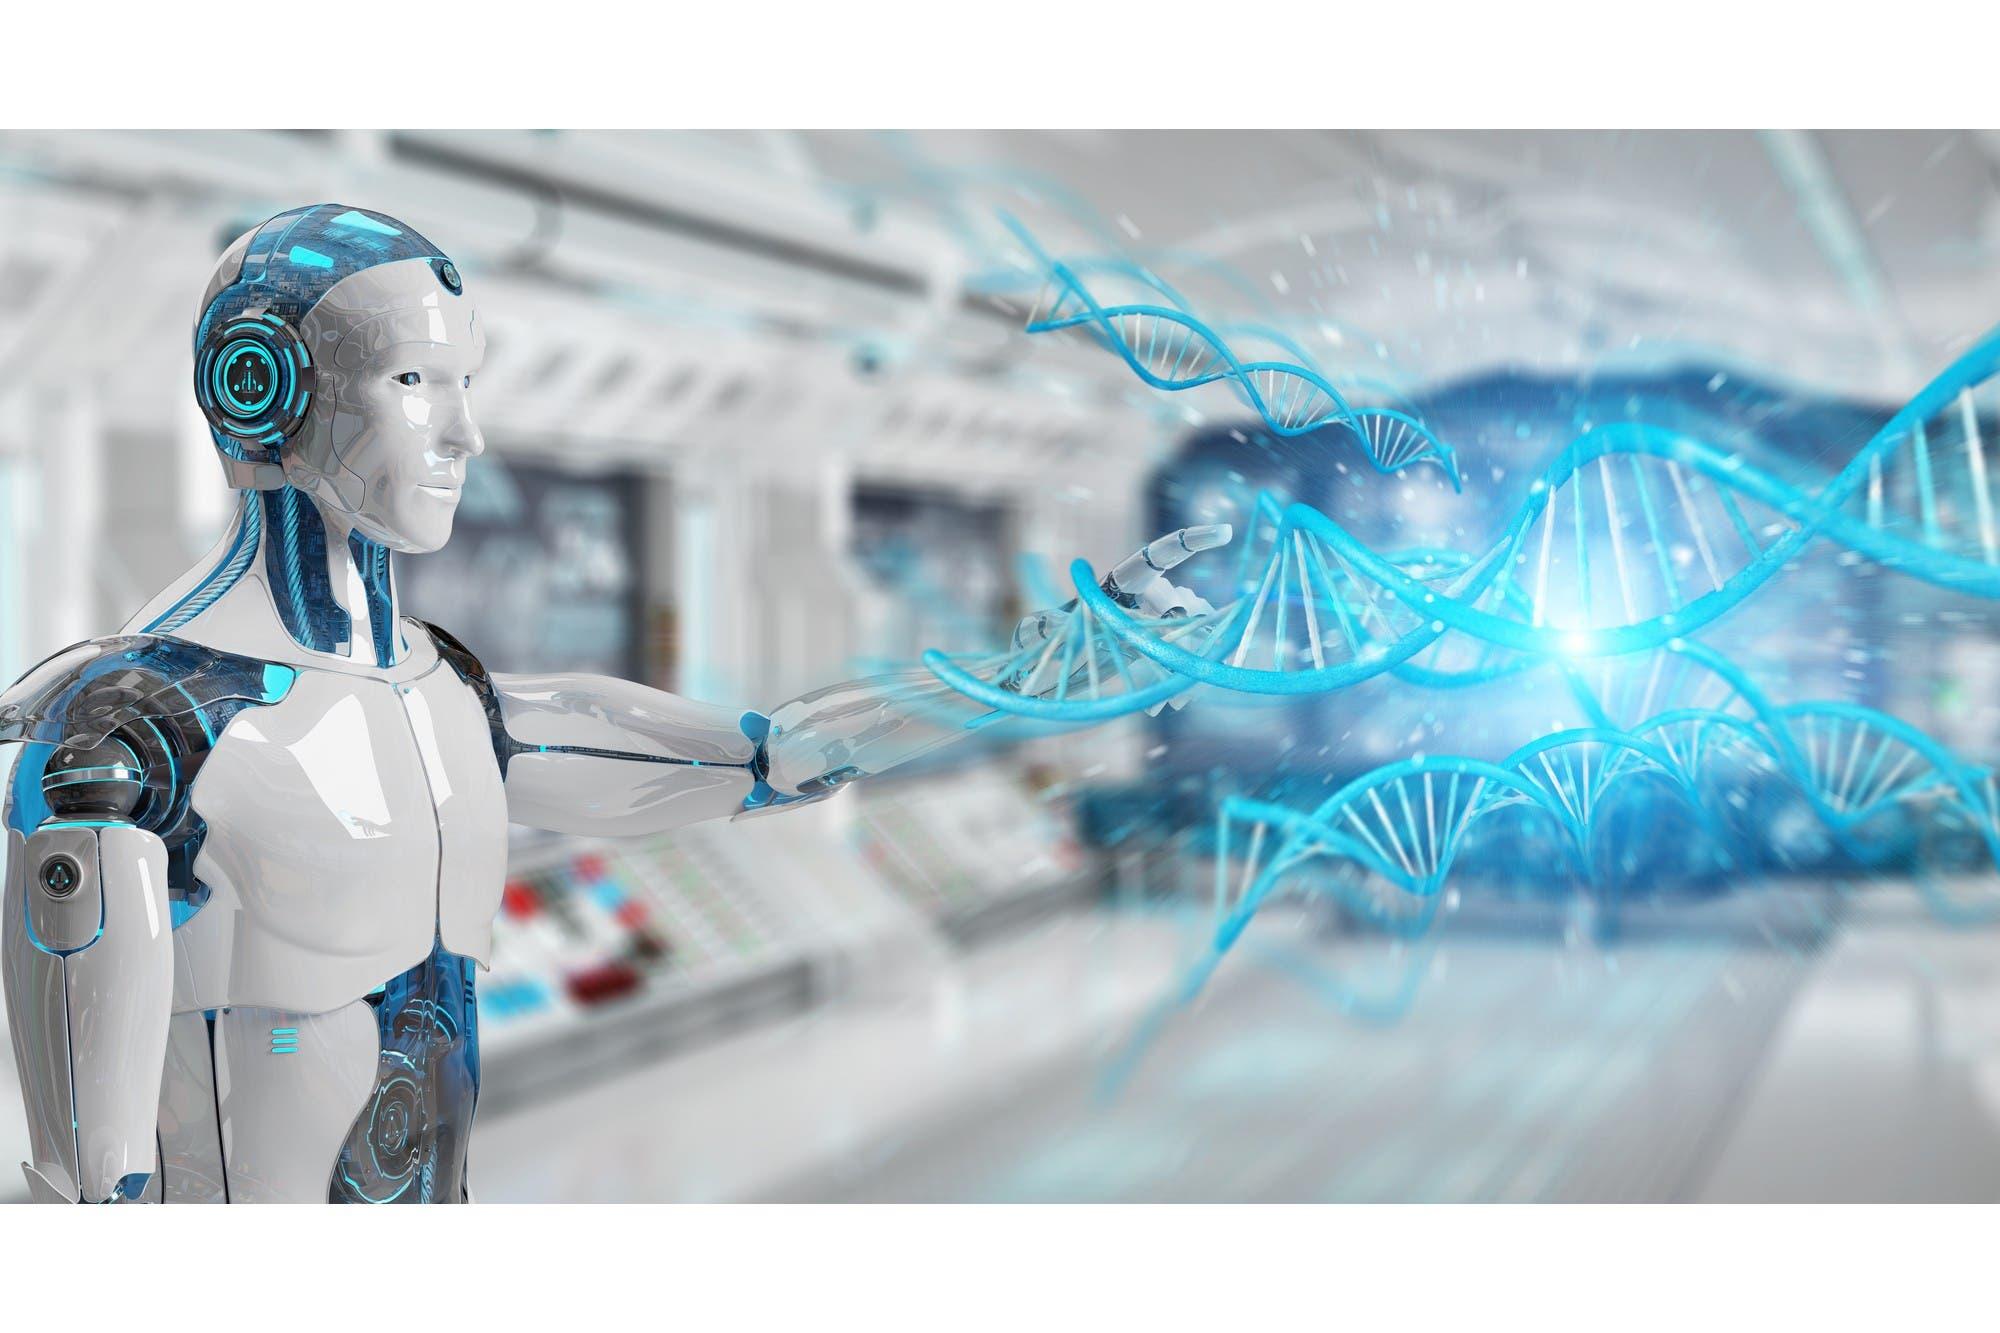 Quizás es posible que un día las máquinas produzcan humanos